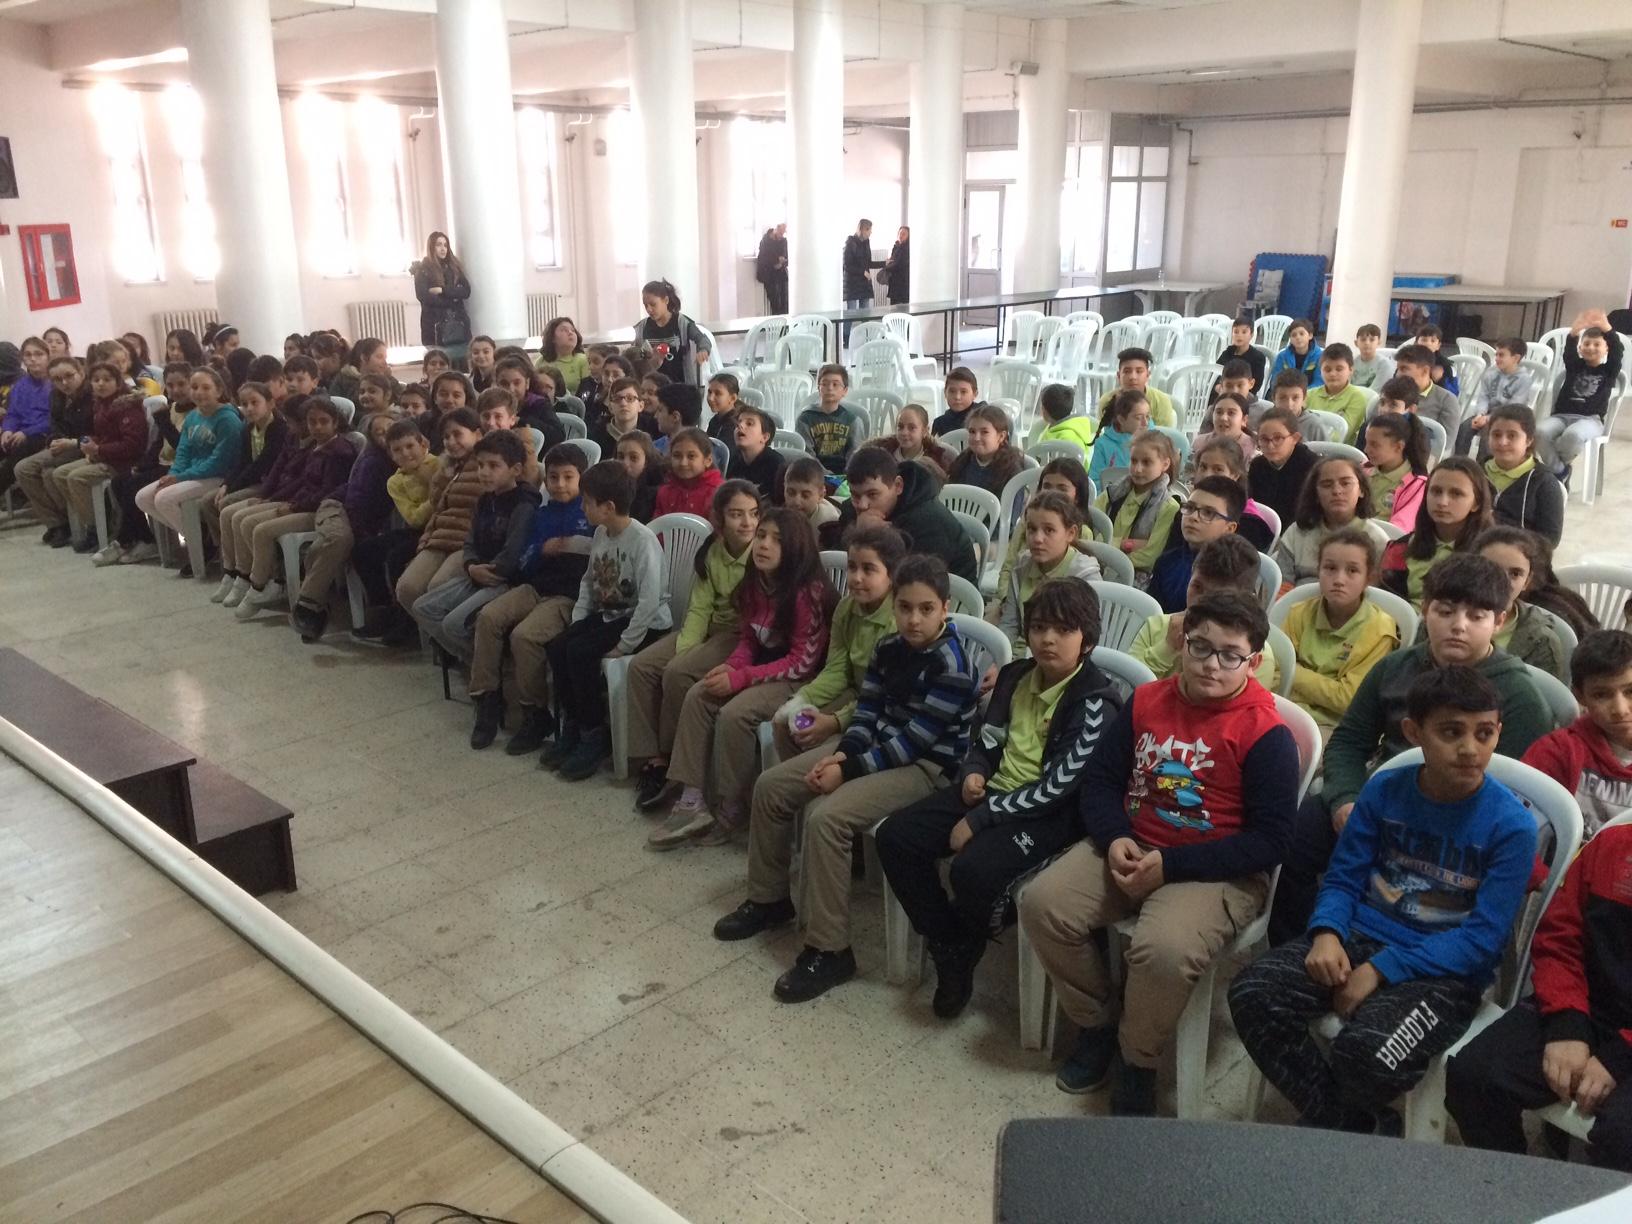 İMKB Ortaokulu'nda Sıfır Atık Konulu Eğitim Verildi